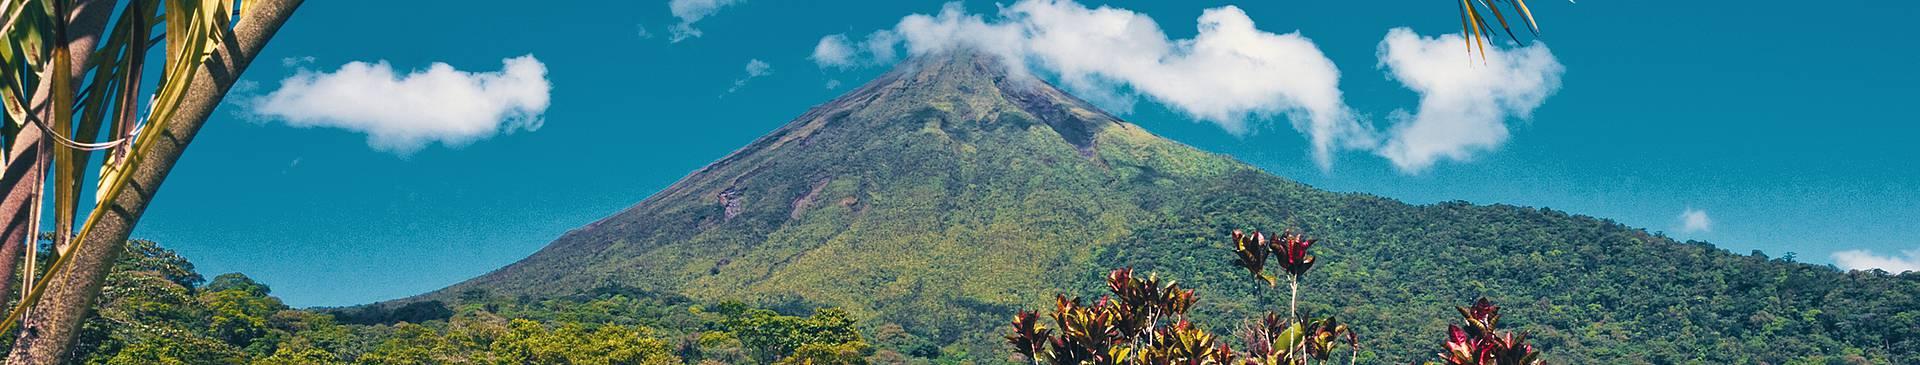 Costa Rica summer